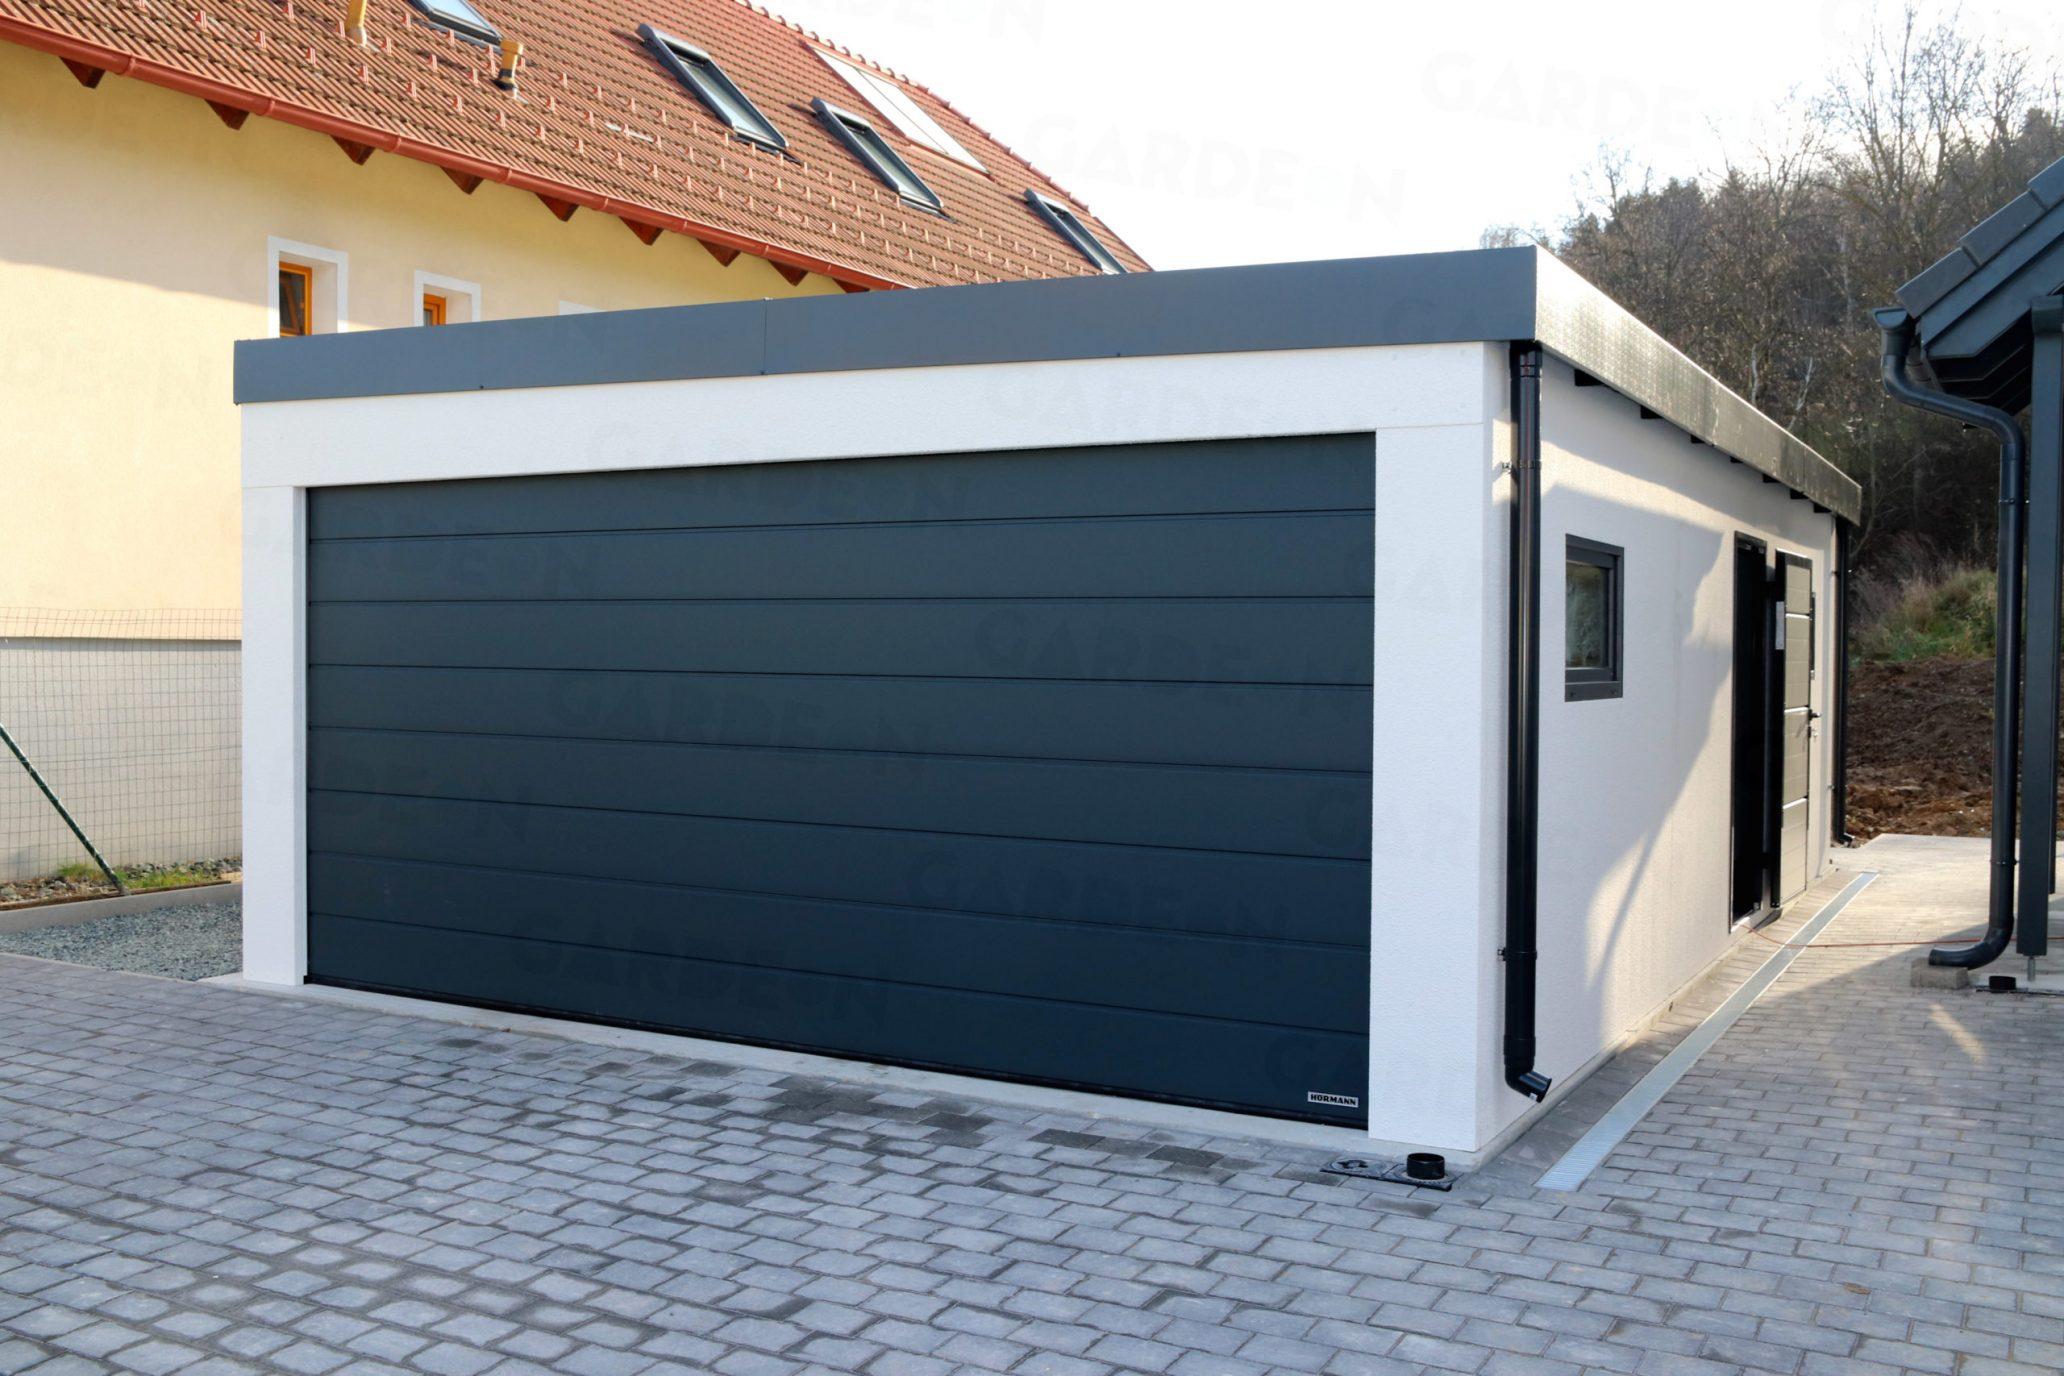 Garáž pre dve autá s bránou Hormann v antracitovej farbe